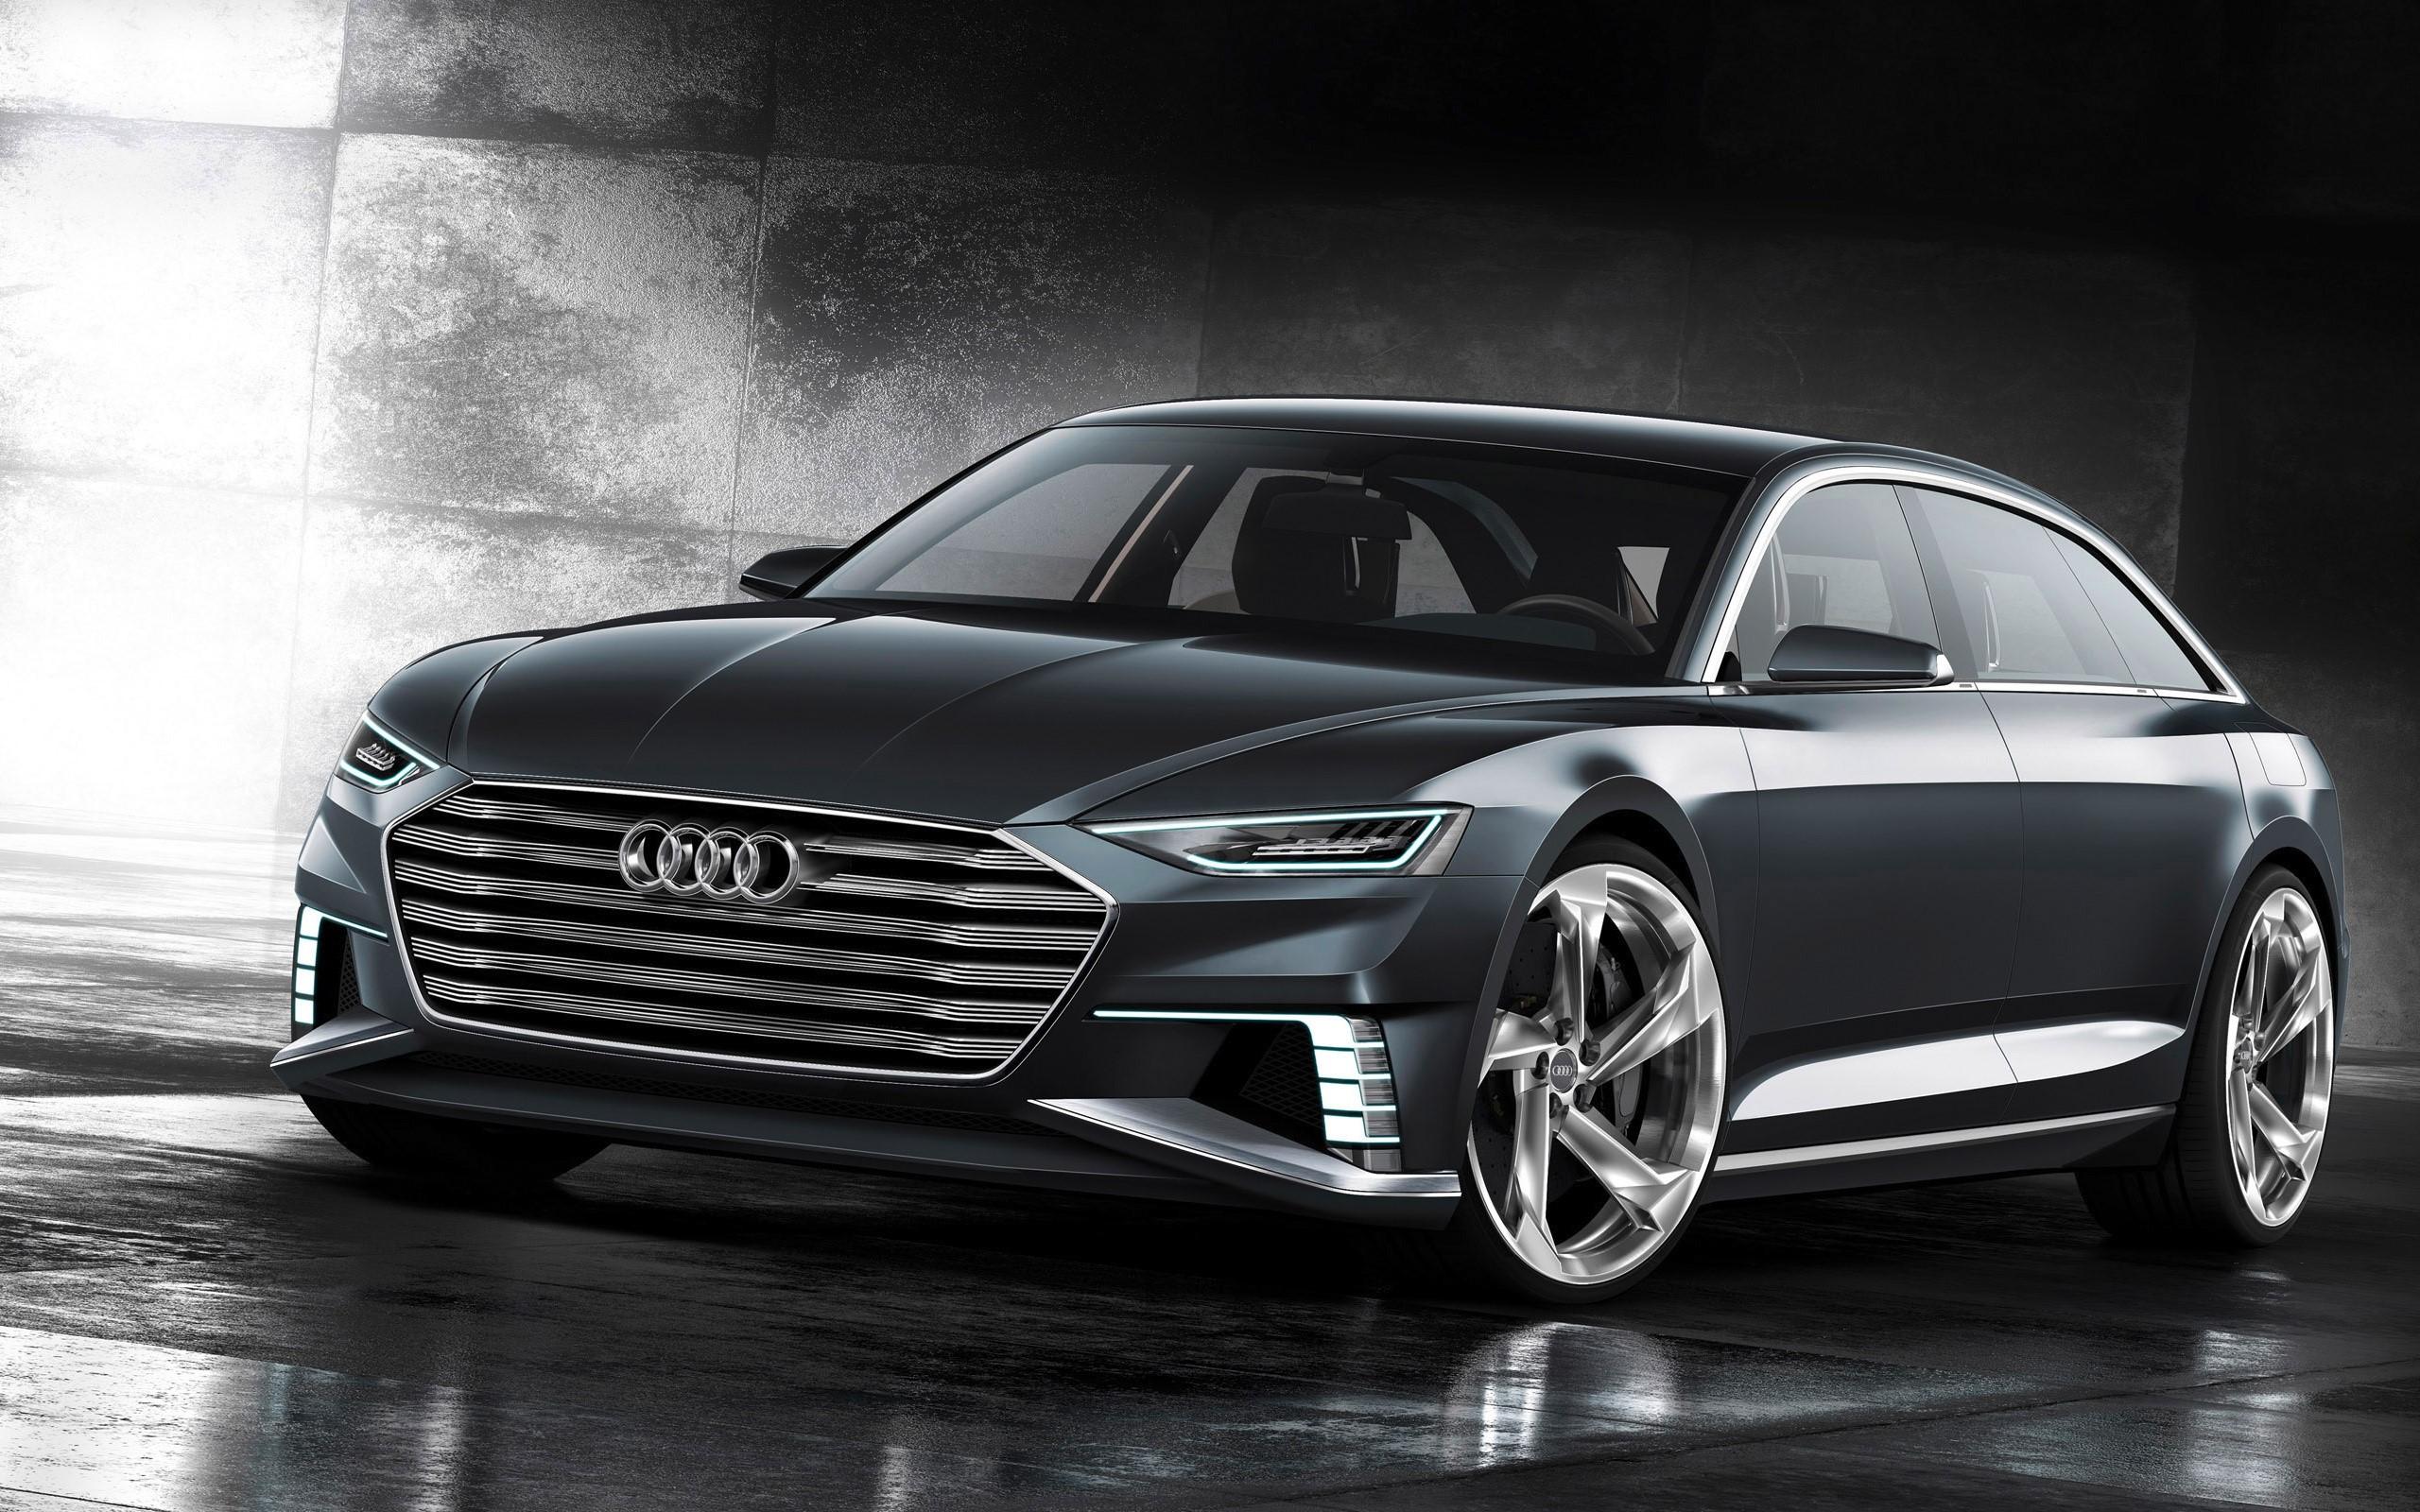 Fondos de pantalla Audi Prologue Avant Concept